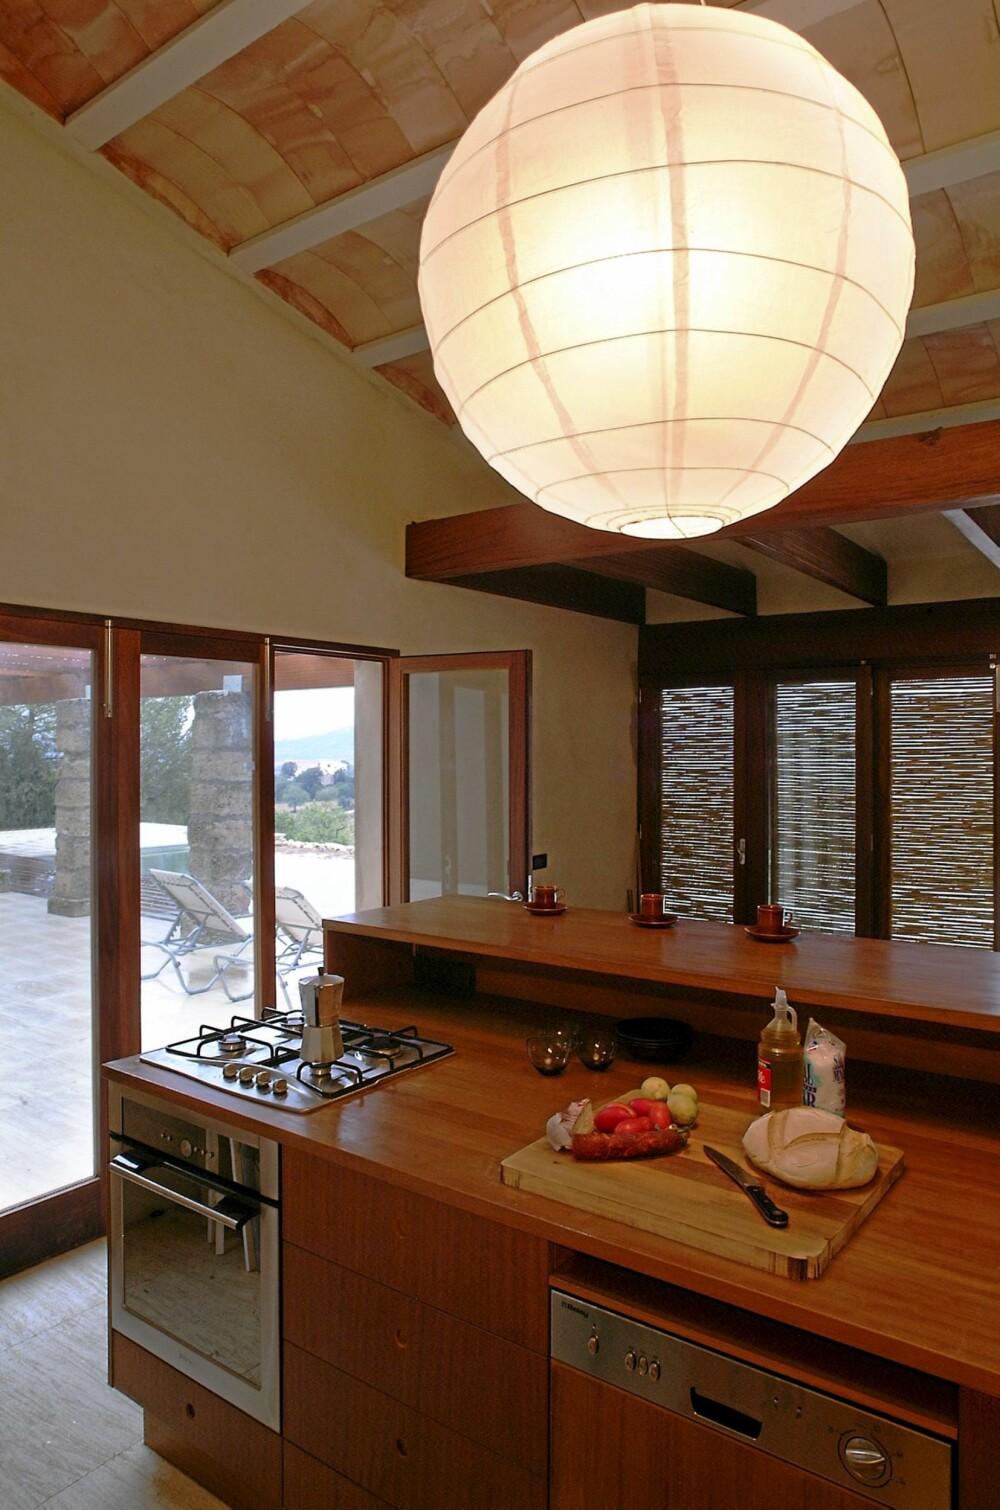 ÅPEN SONE: Kjøkkenet åpner seg også totalt mot utsikten og rommet har en solid og effektiv øy-innredning. Veggene er malt i en lys, tobakksaktig valør.